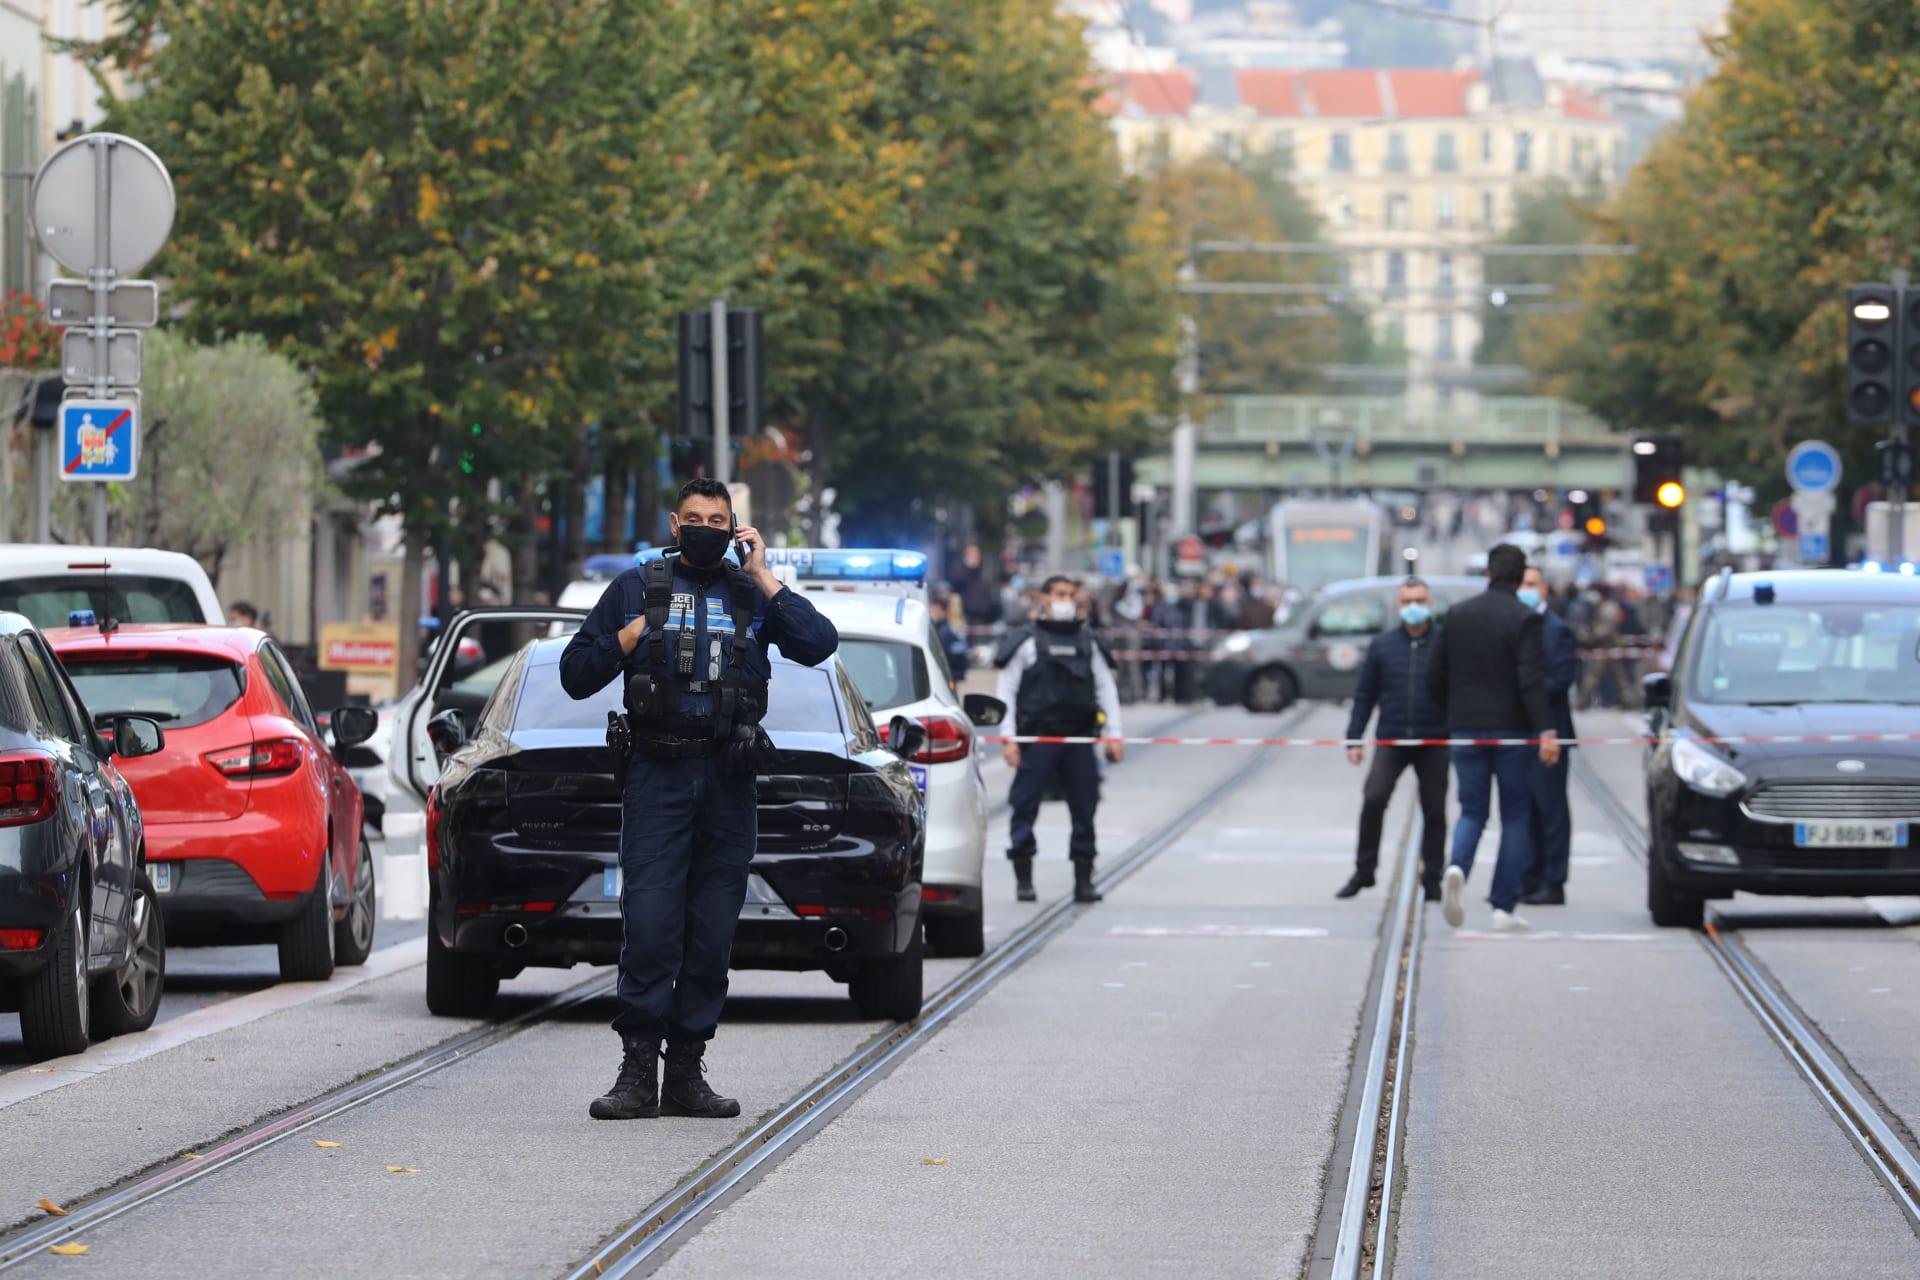 فرنسا هجوم إرهابي بسكين في كنيسة نوتردام بمدينة نيس